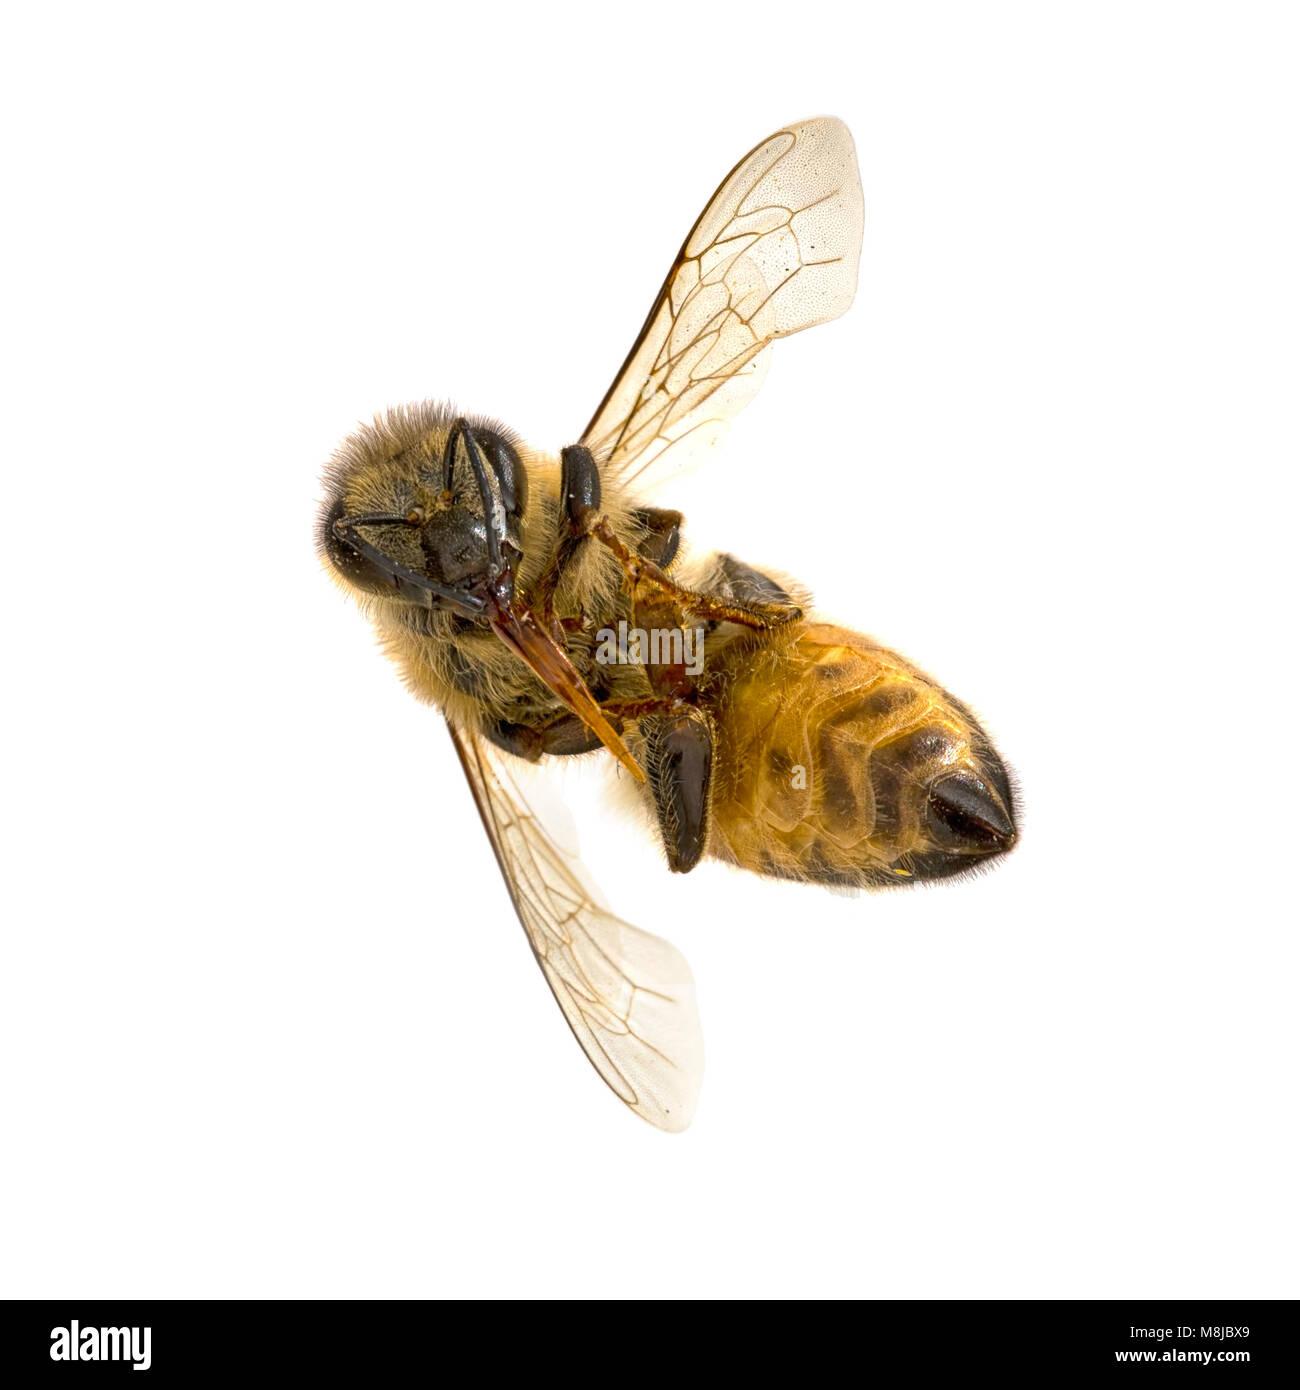 Natural history insect macro. - Stock Image